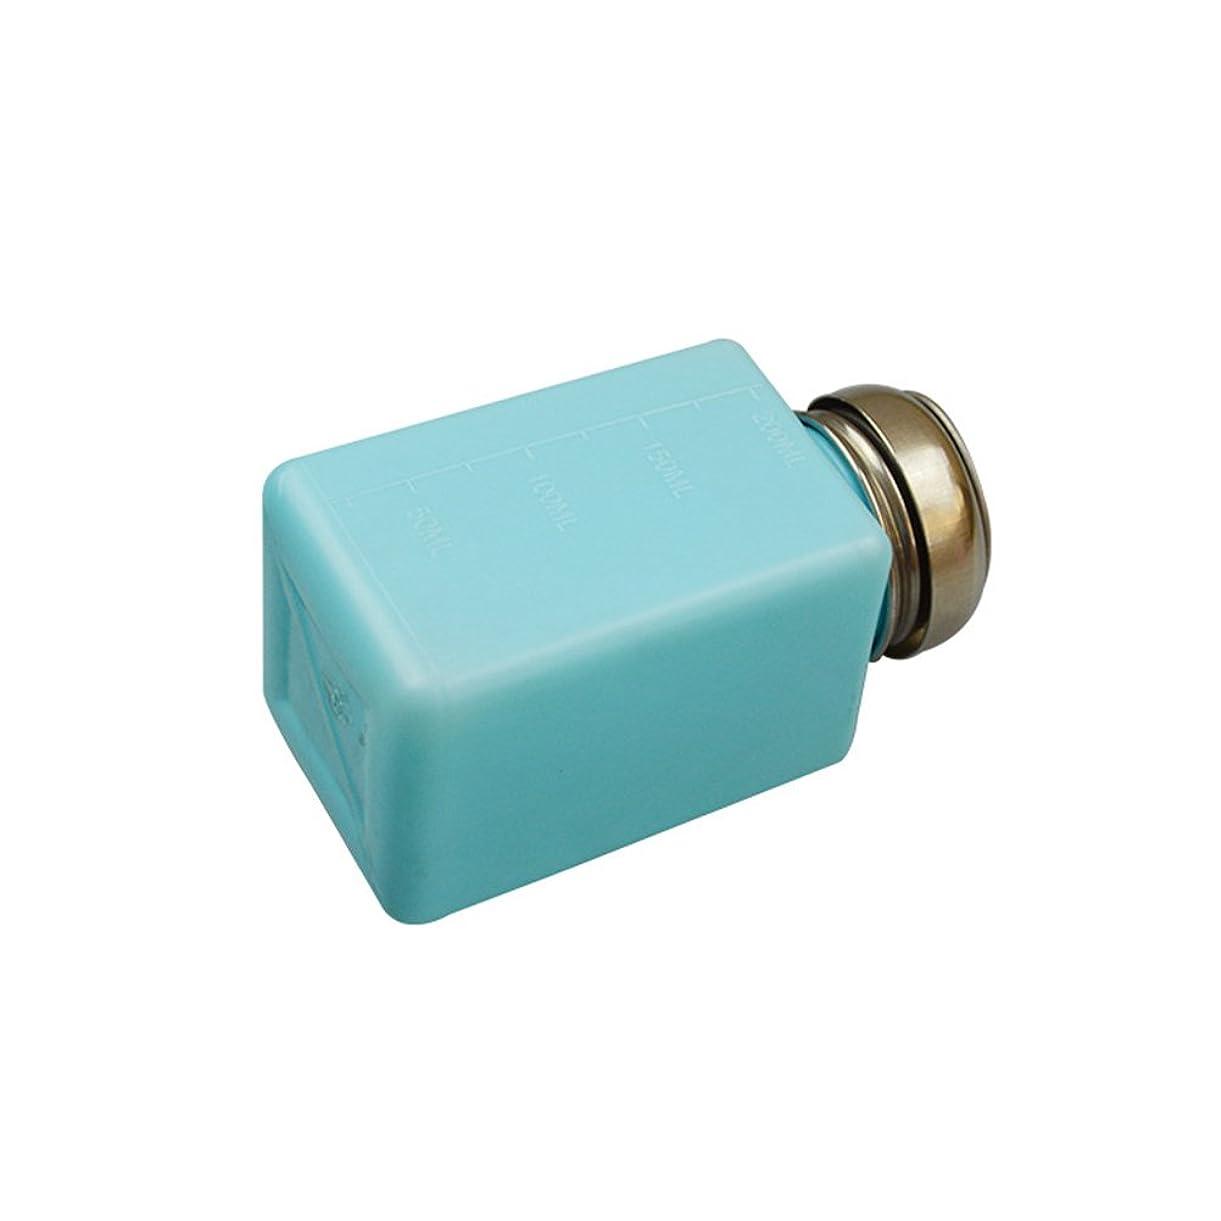 真鍮標準一晩BESTOMZ アルコールボトル 便利 クレンジングオイル 小分け容器 静電防止 200ML(青)